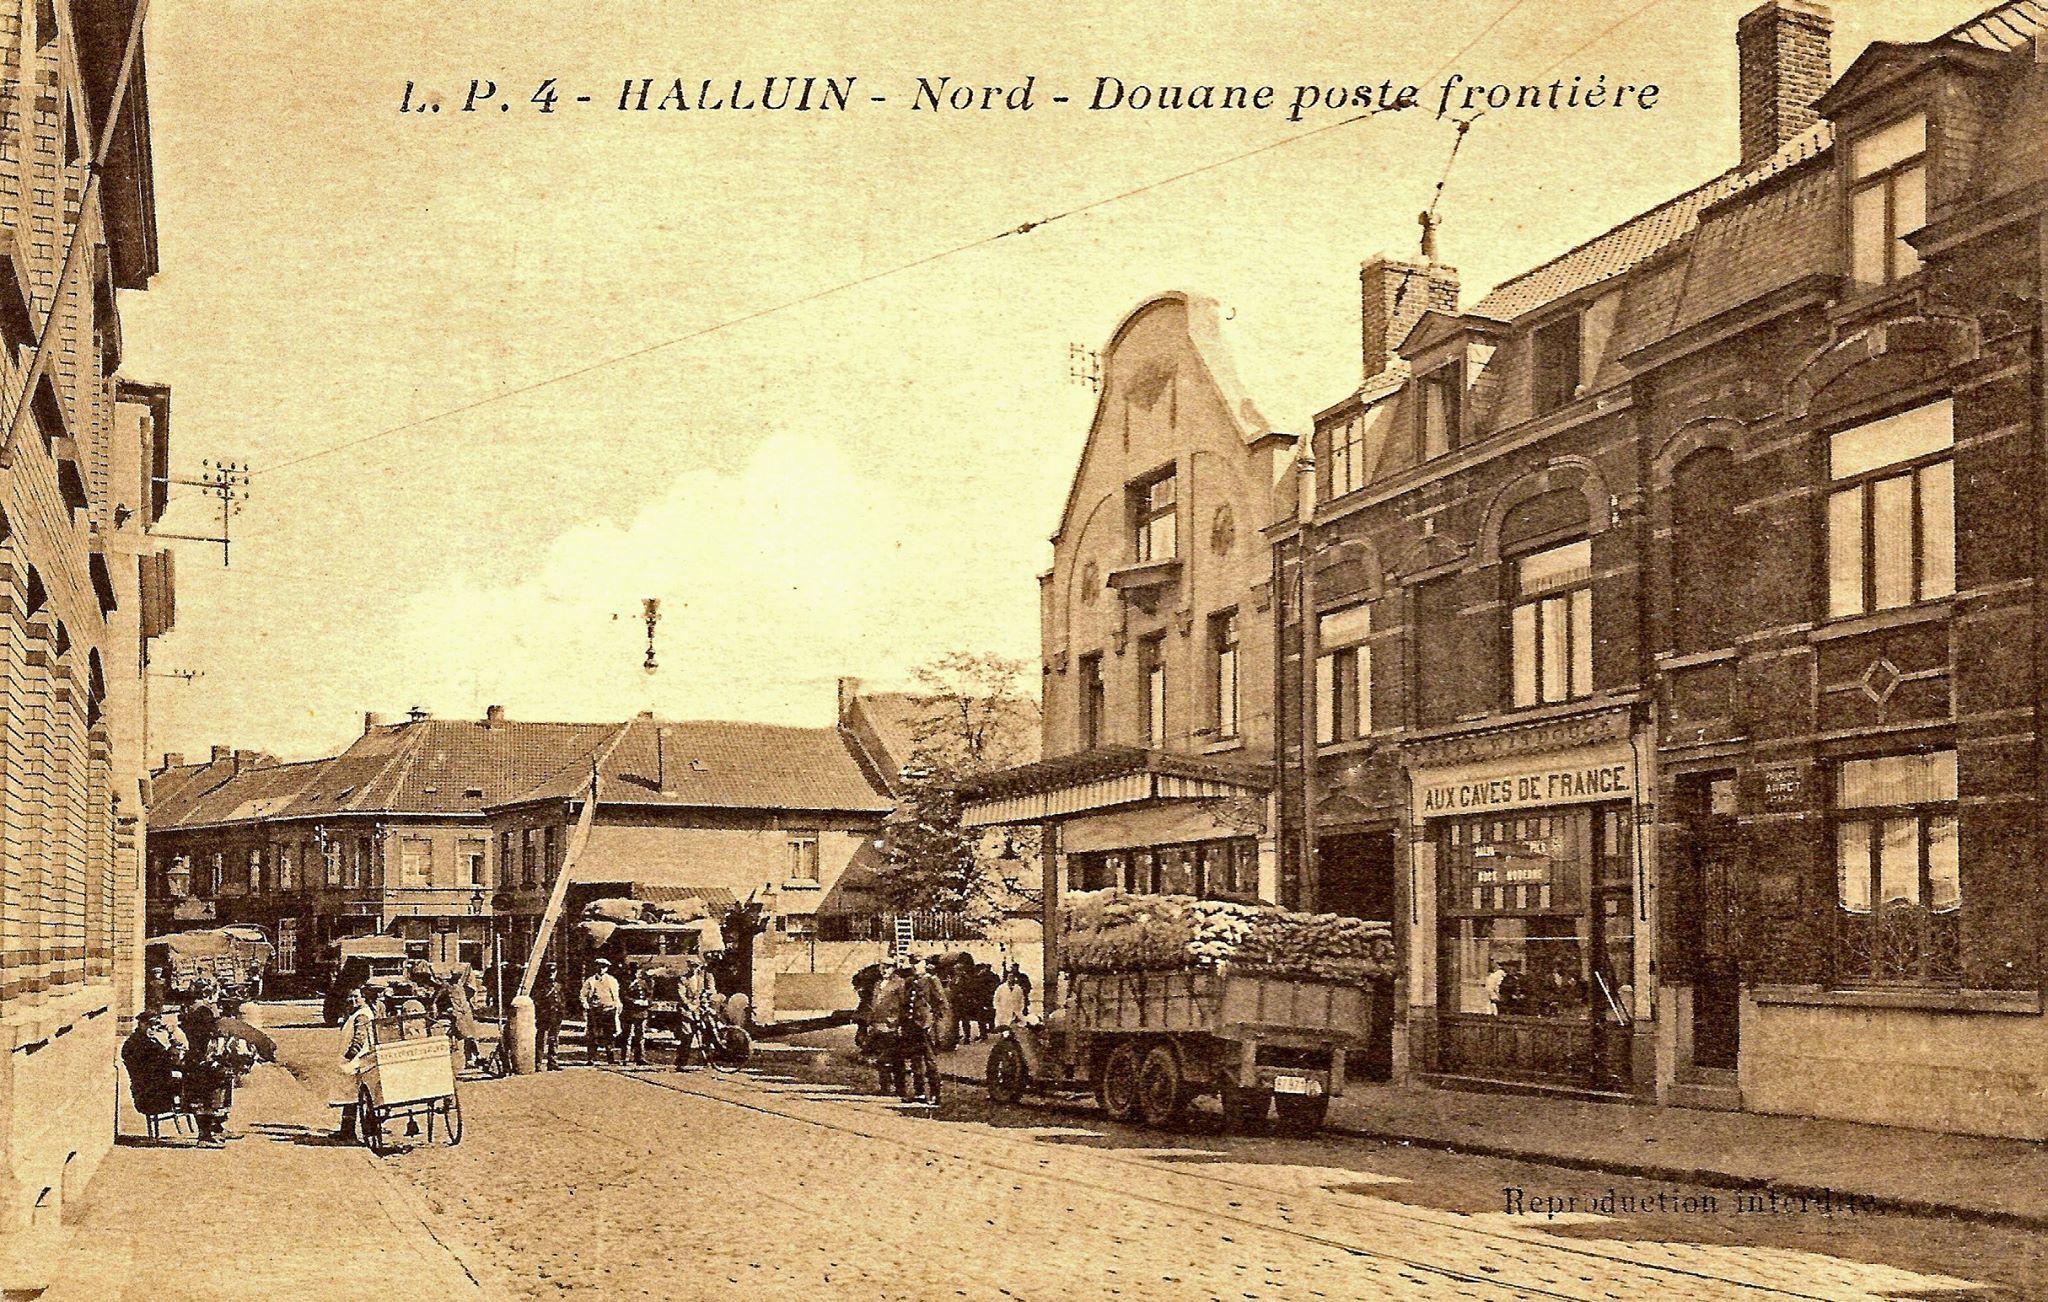 Halluin-Nord